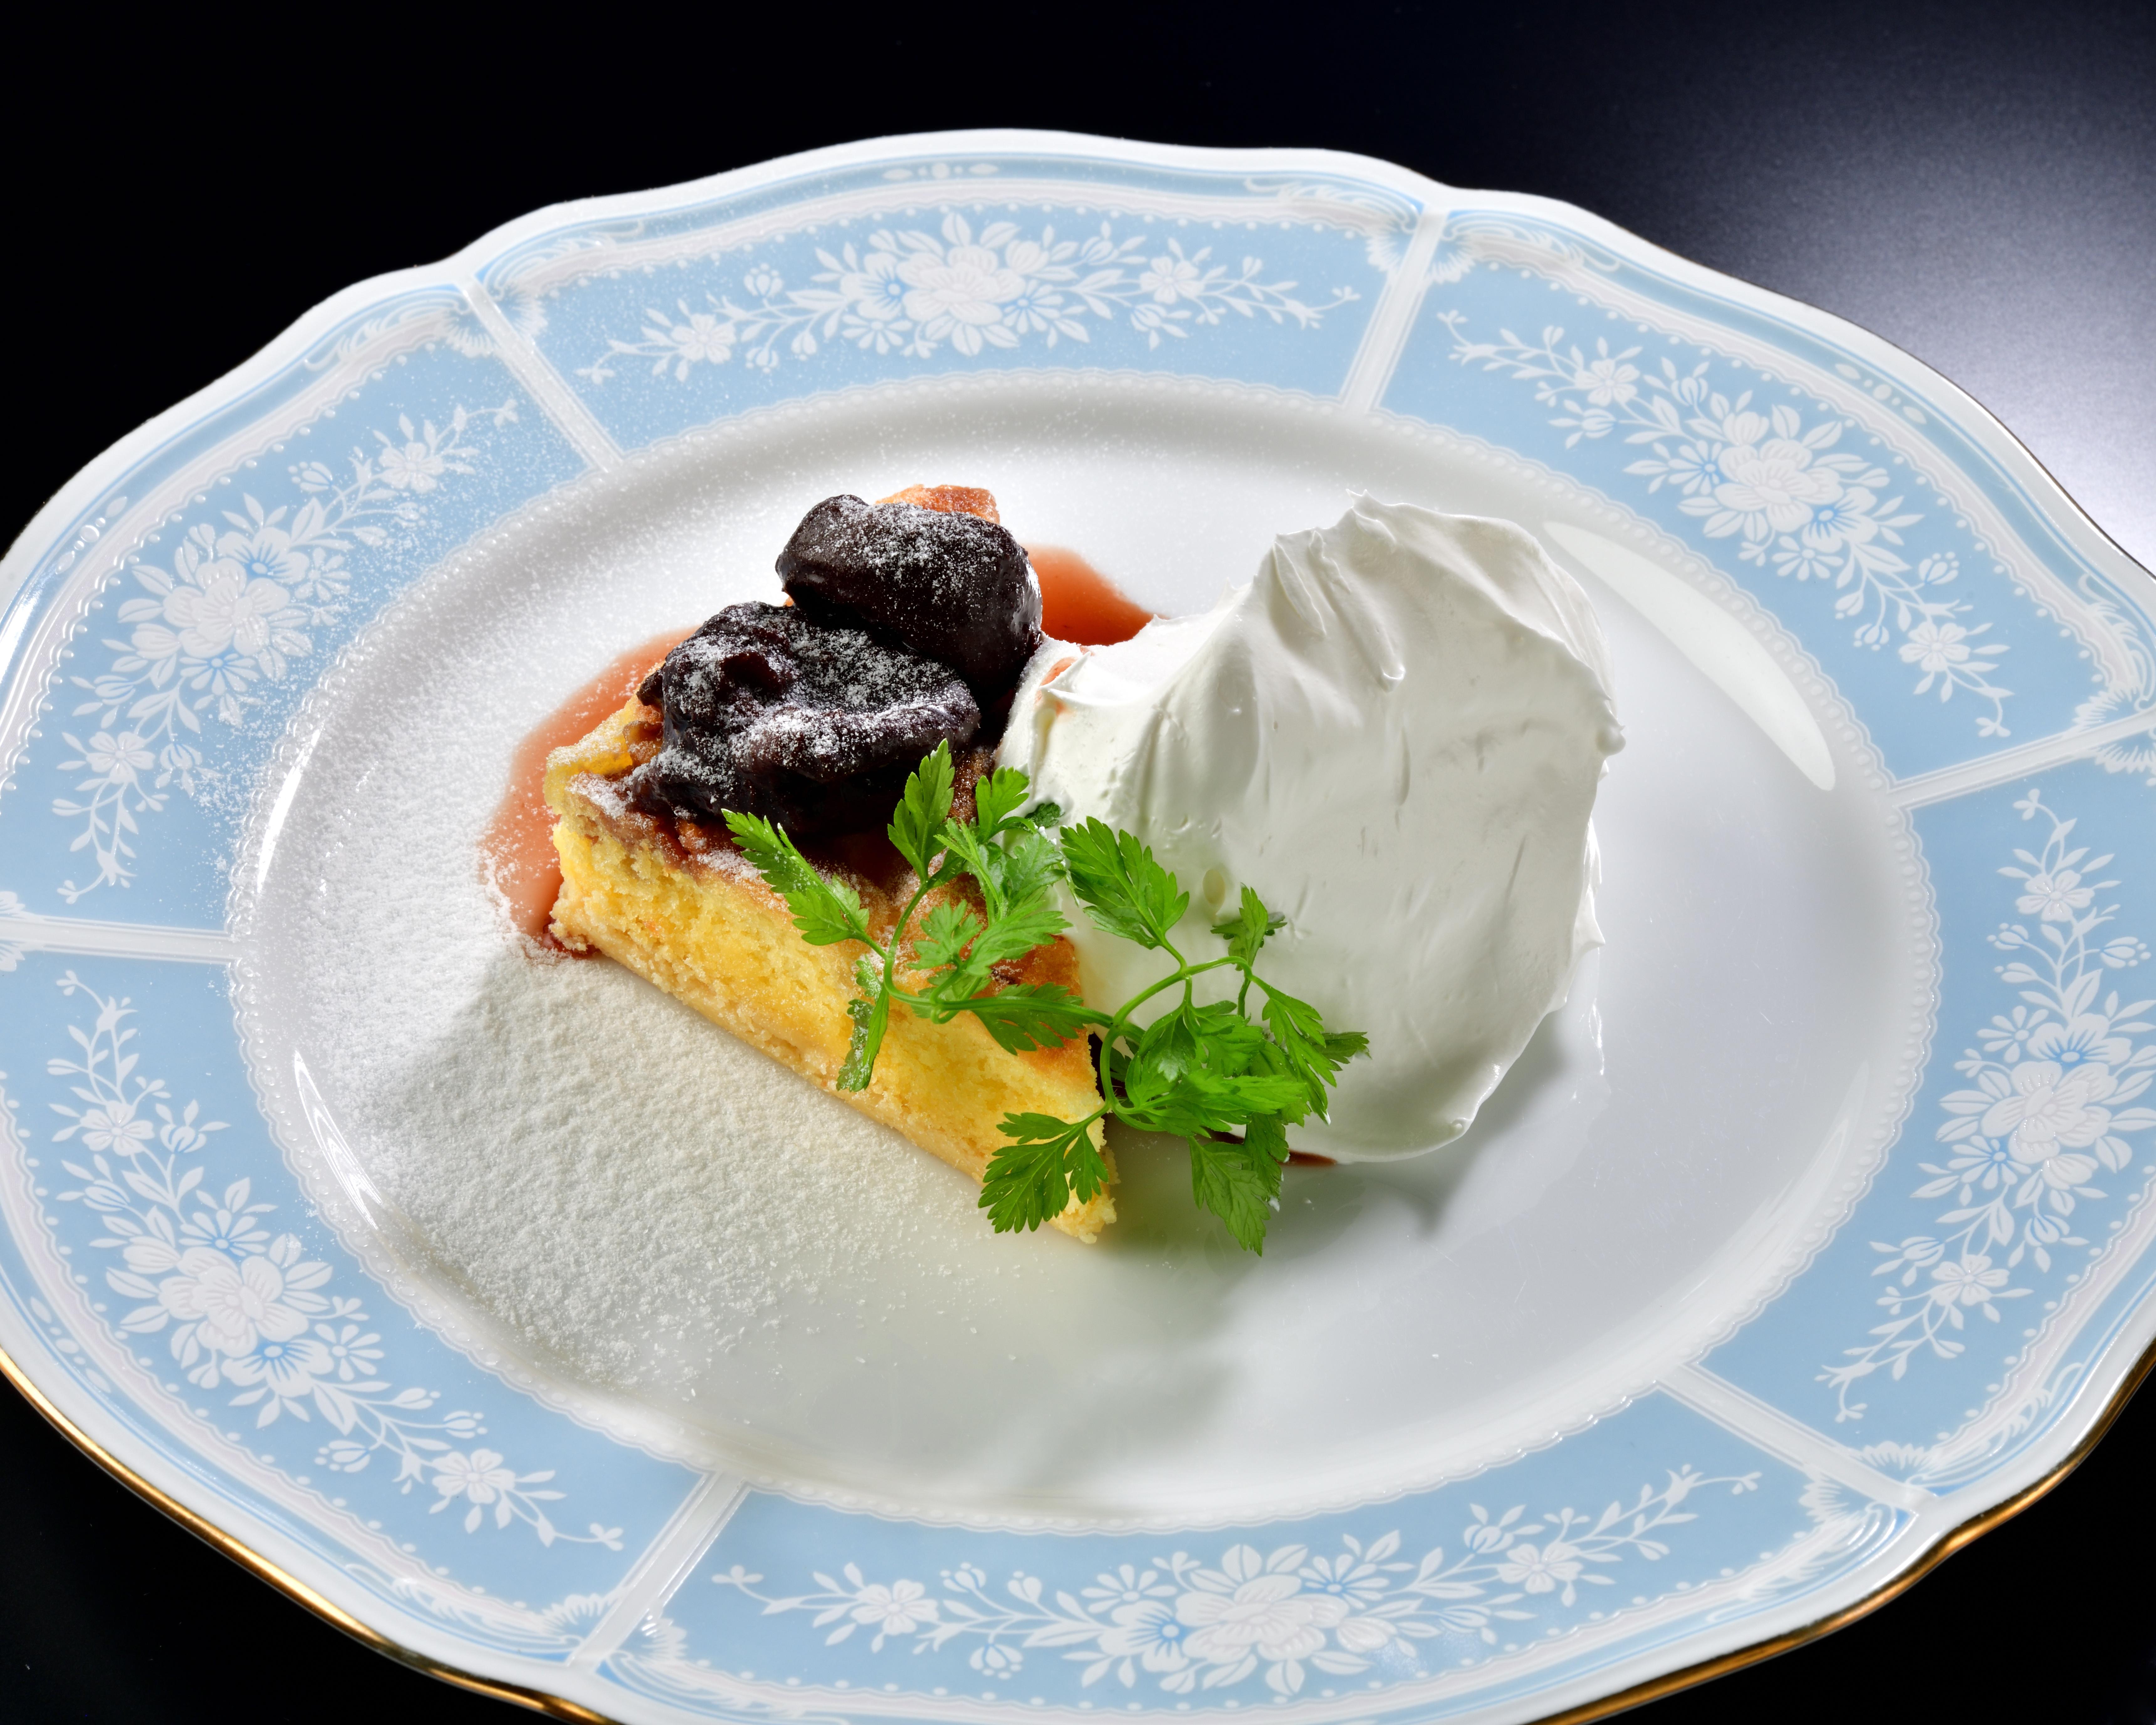 アンネローゼのケルシーケーキ